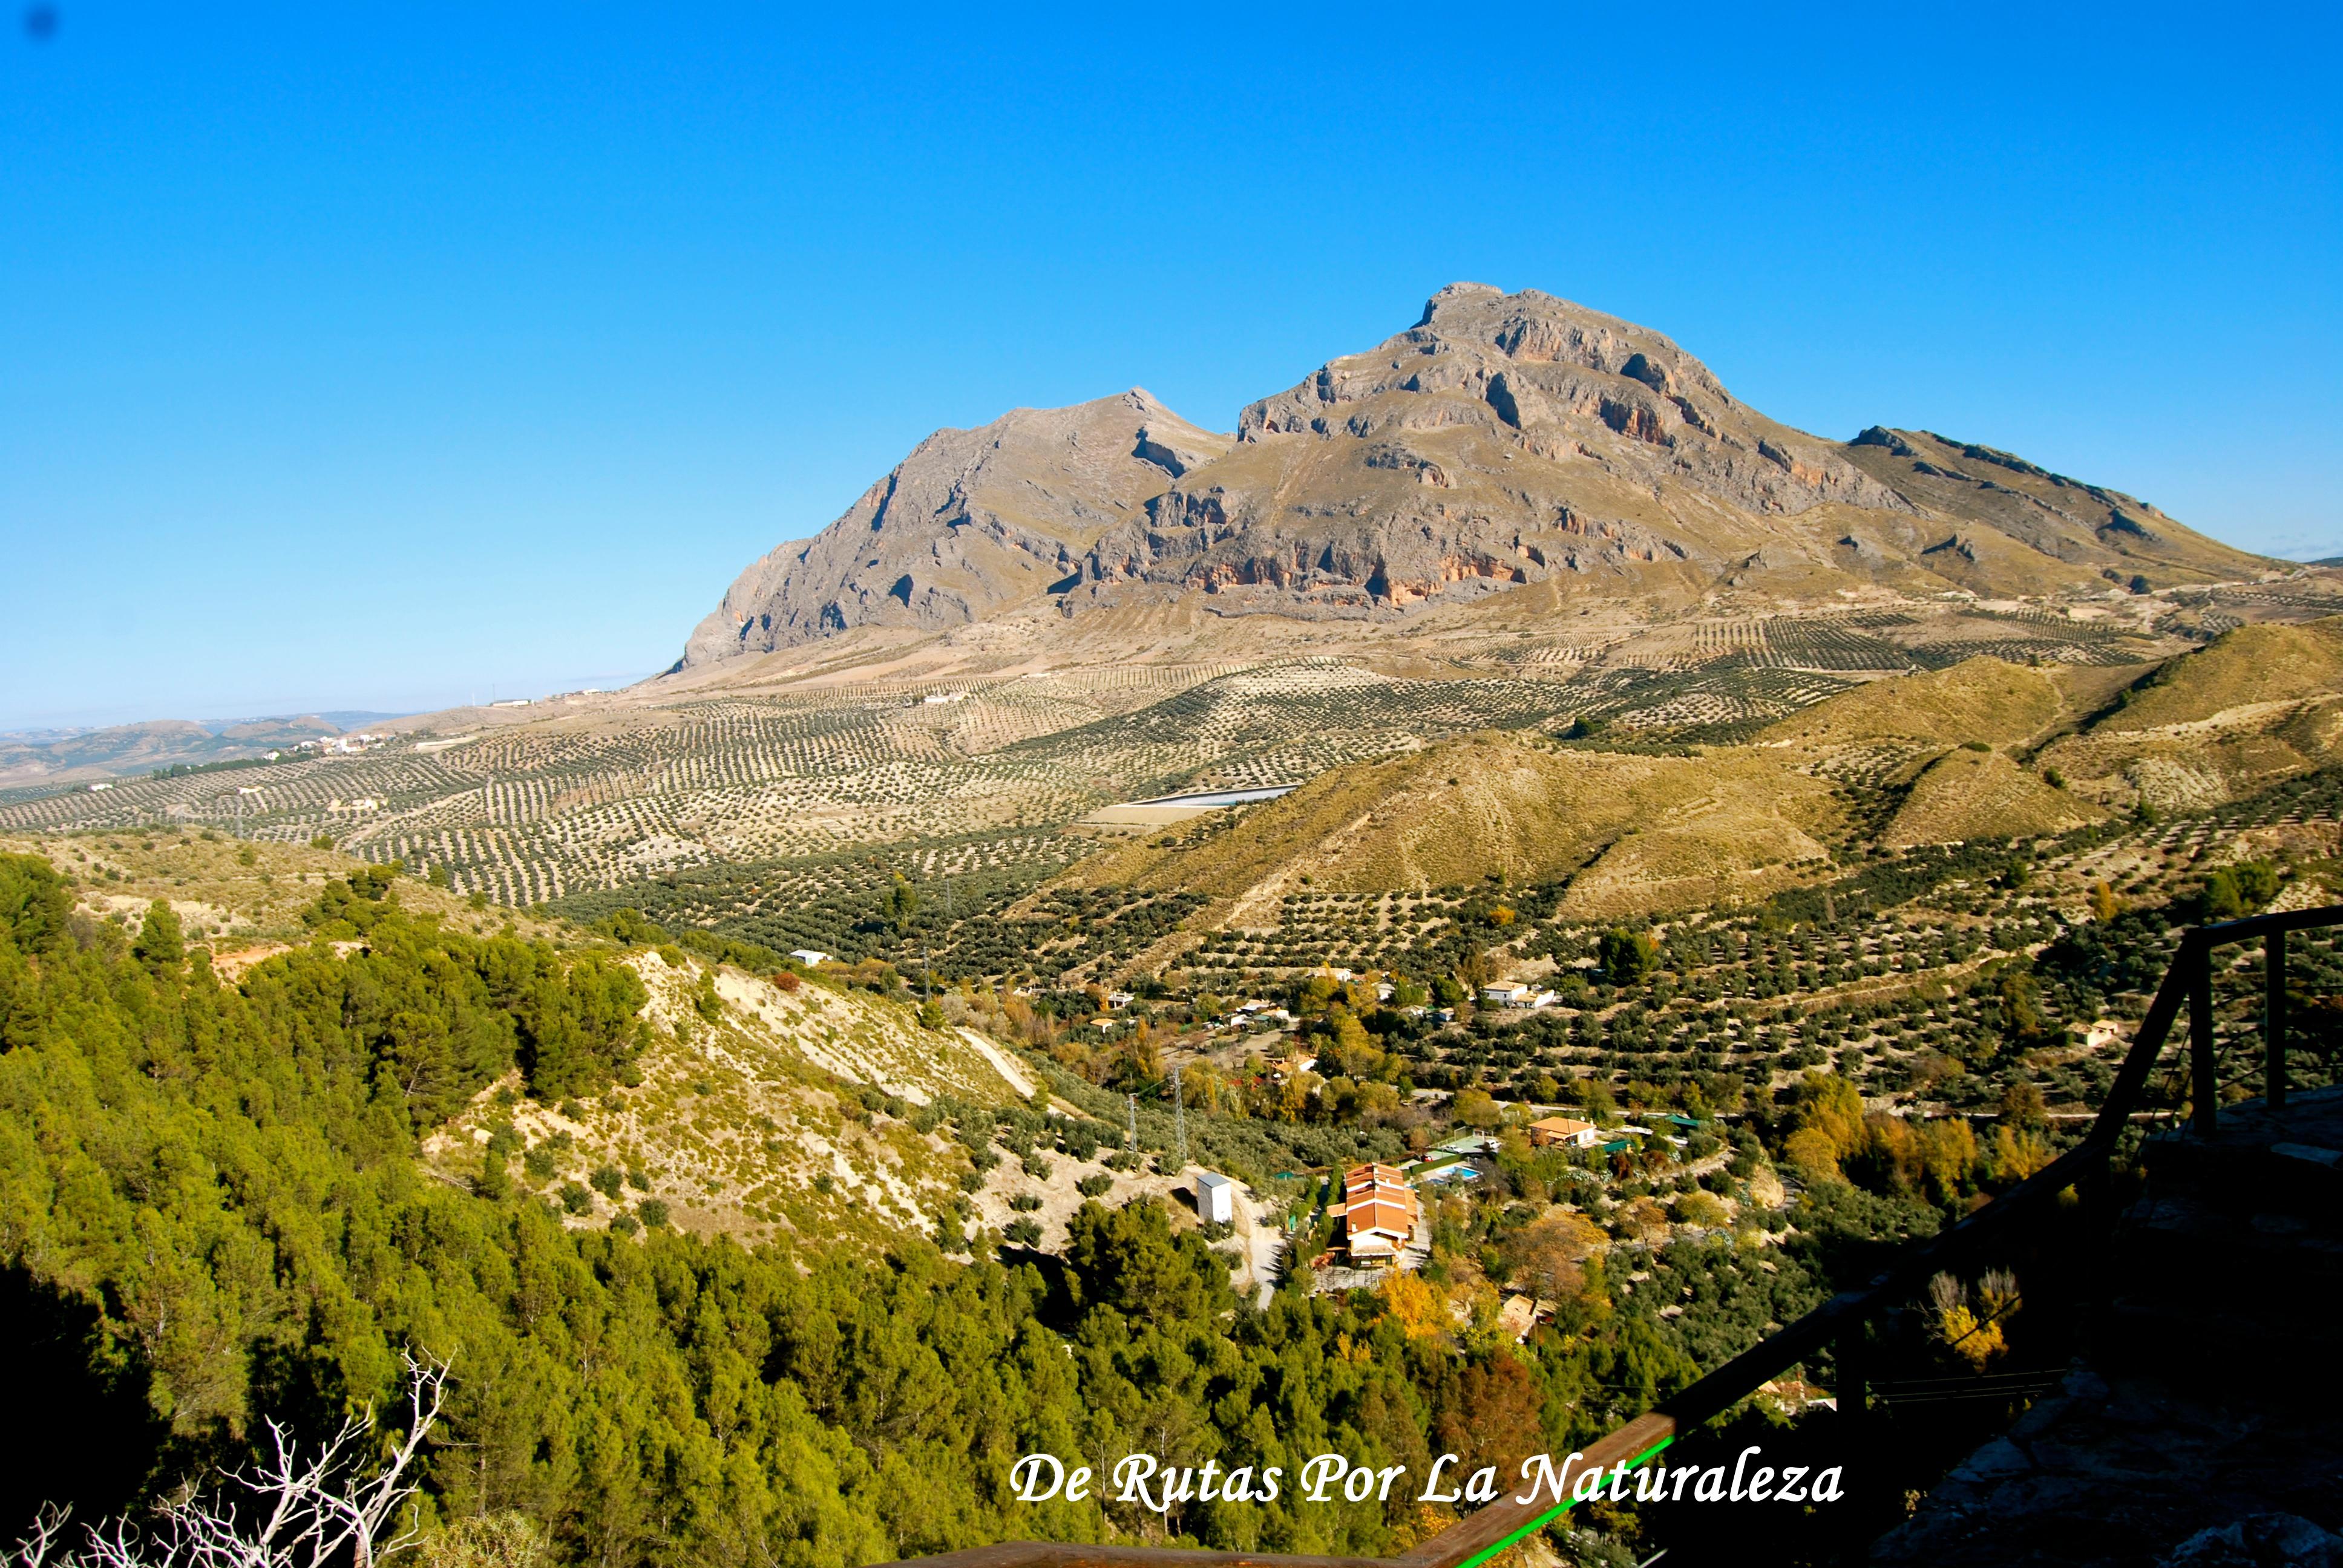 Mirador Torrén de Cuadros (Sierra Mágina) – De rutas por la naturaleza